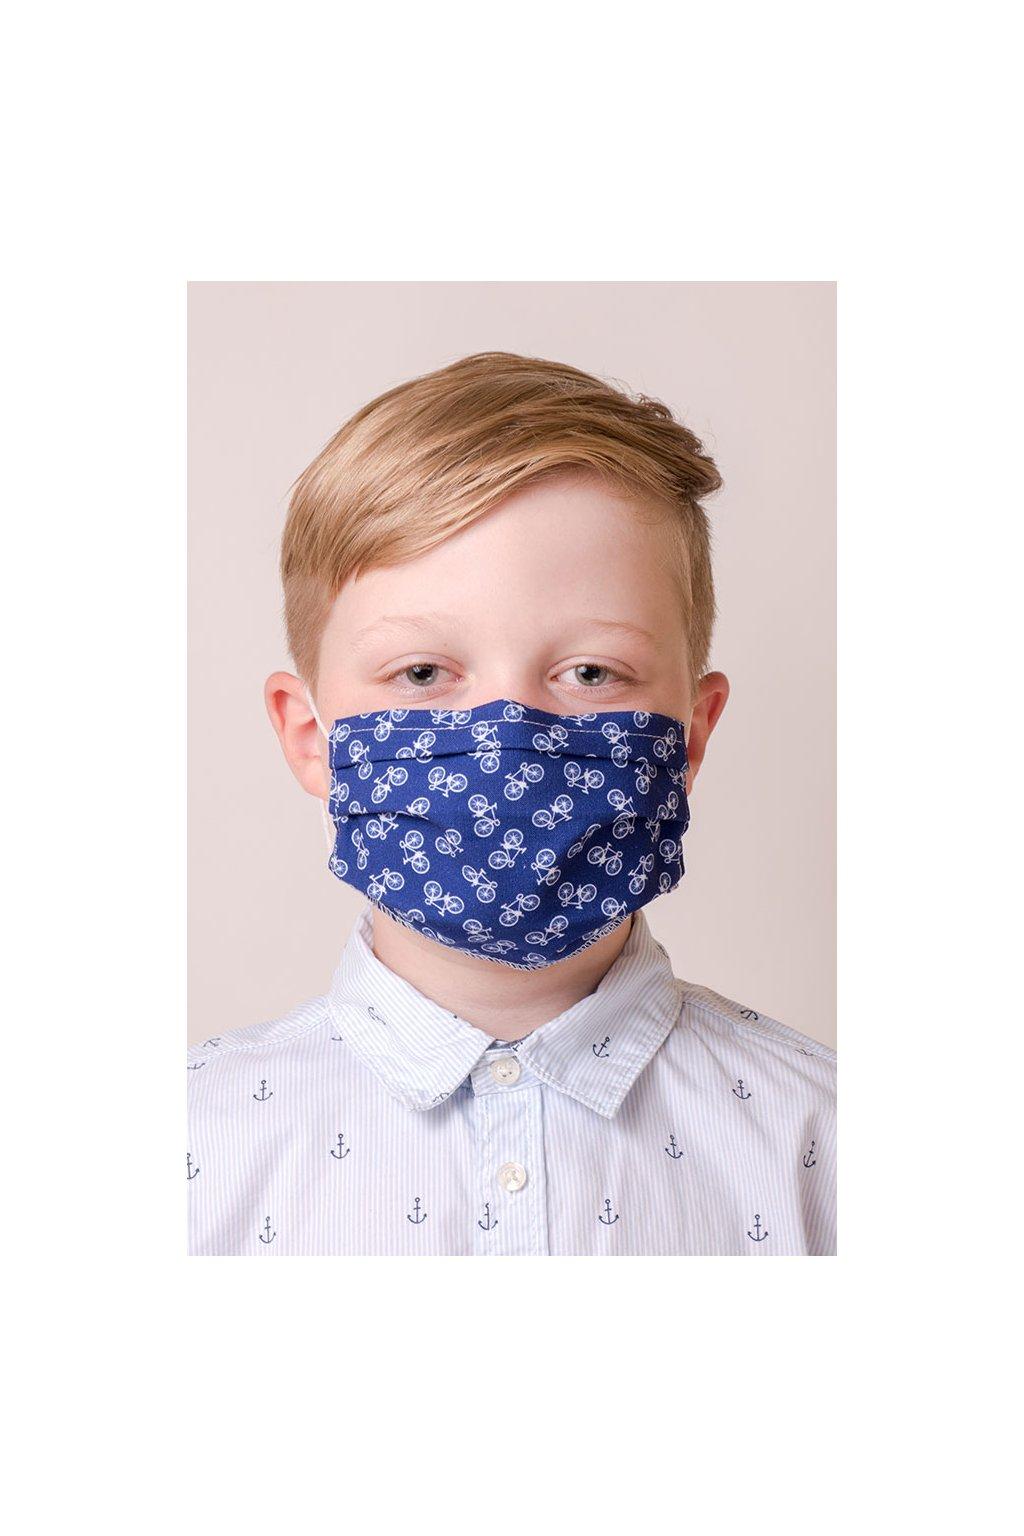 Dětská bavlněná rouška dvouvrstvá skládaná s kapsou a tvarovacím drátkem, ouška z gumičky, 772-250, Modrá/Cyklistika